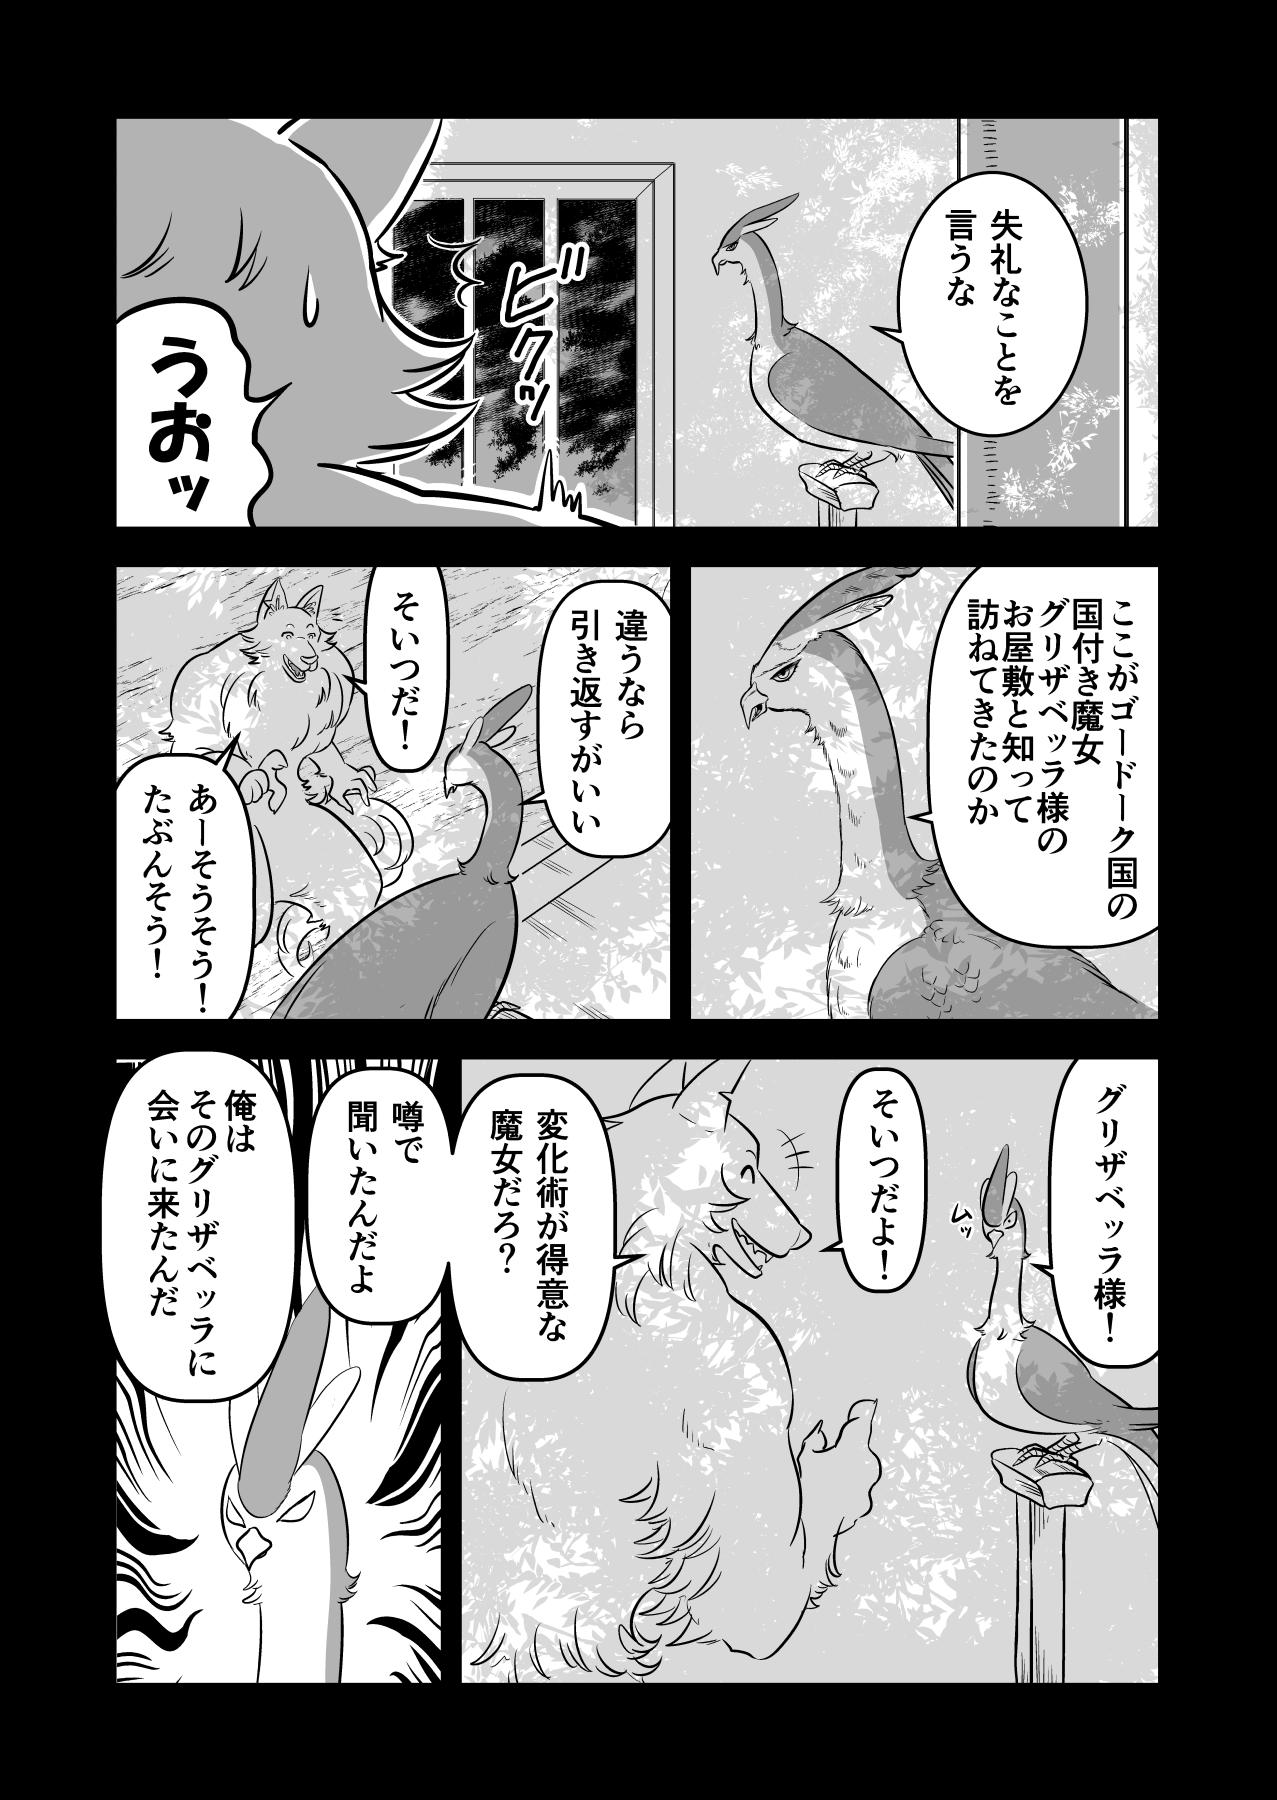 テンプレート_004